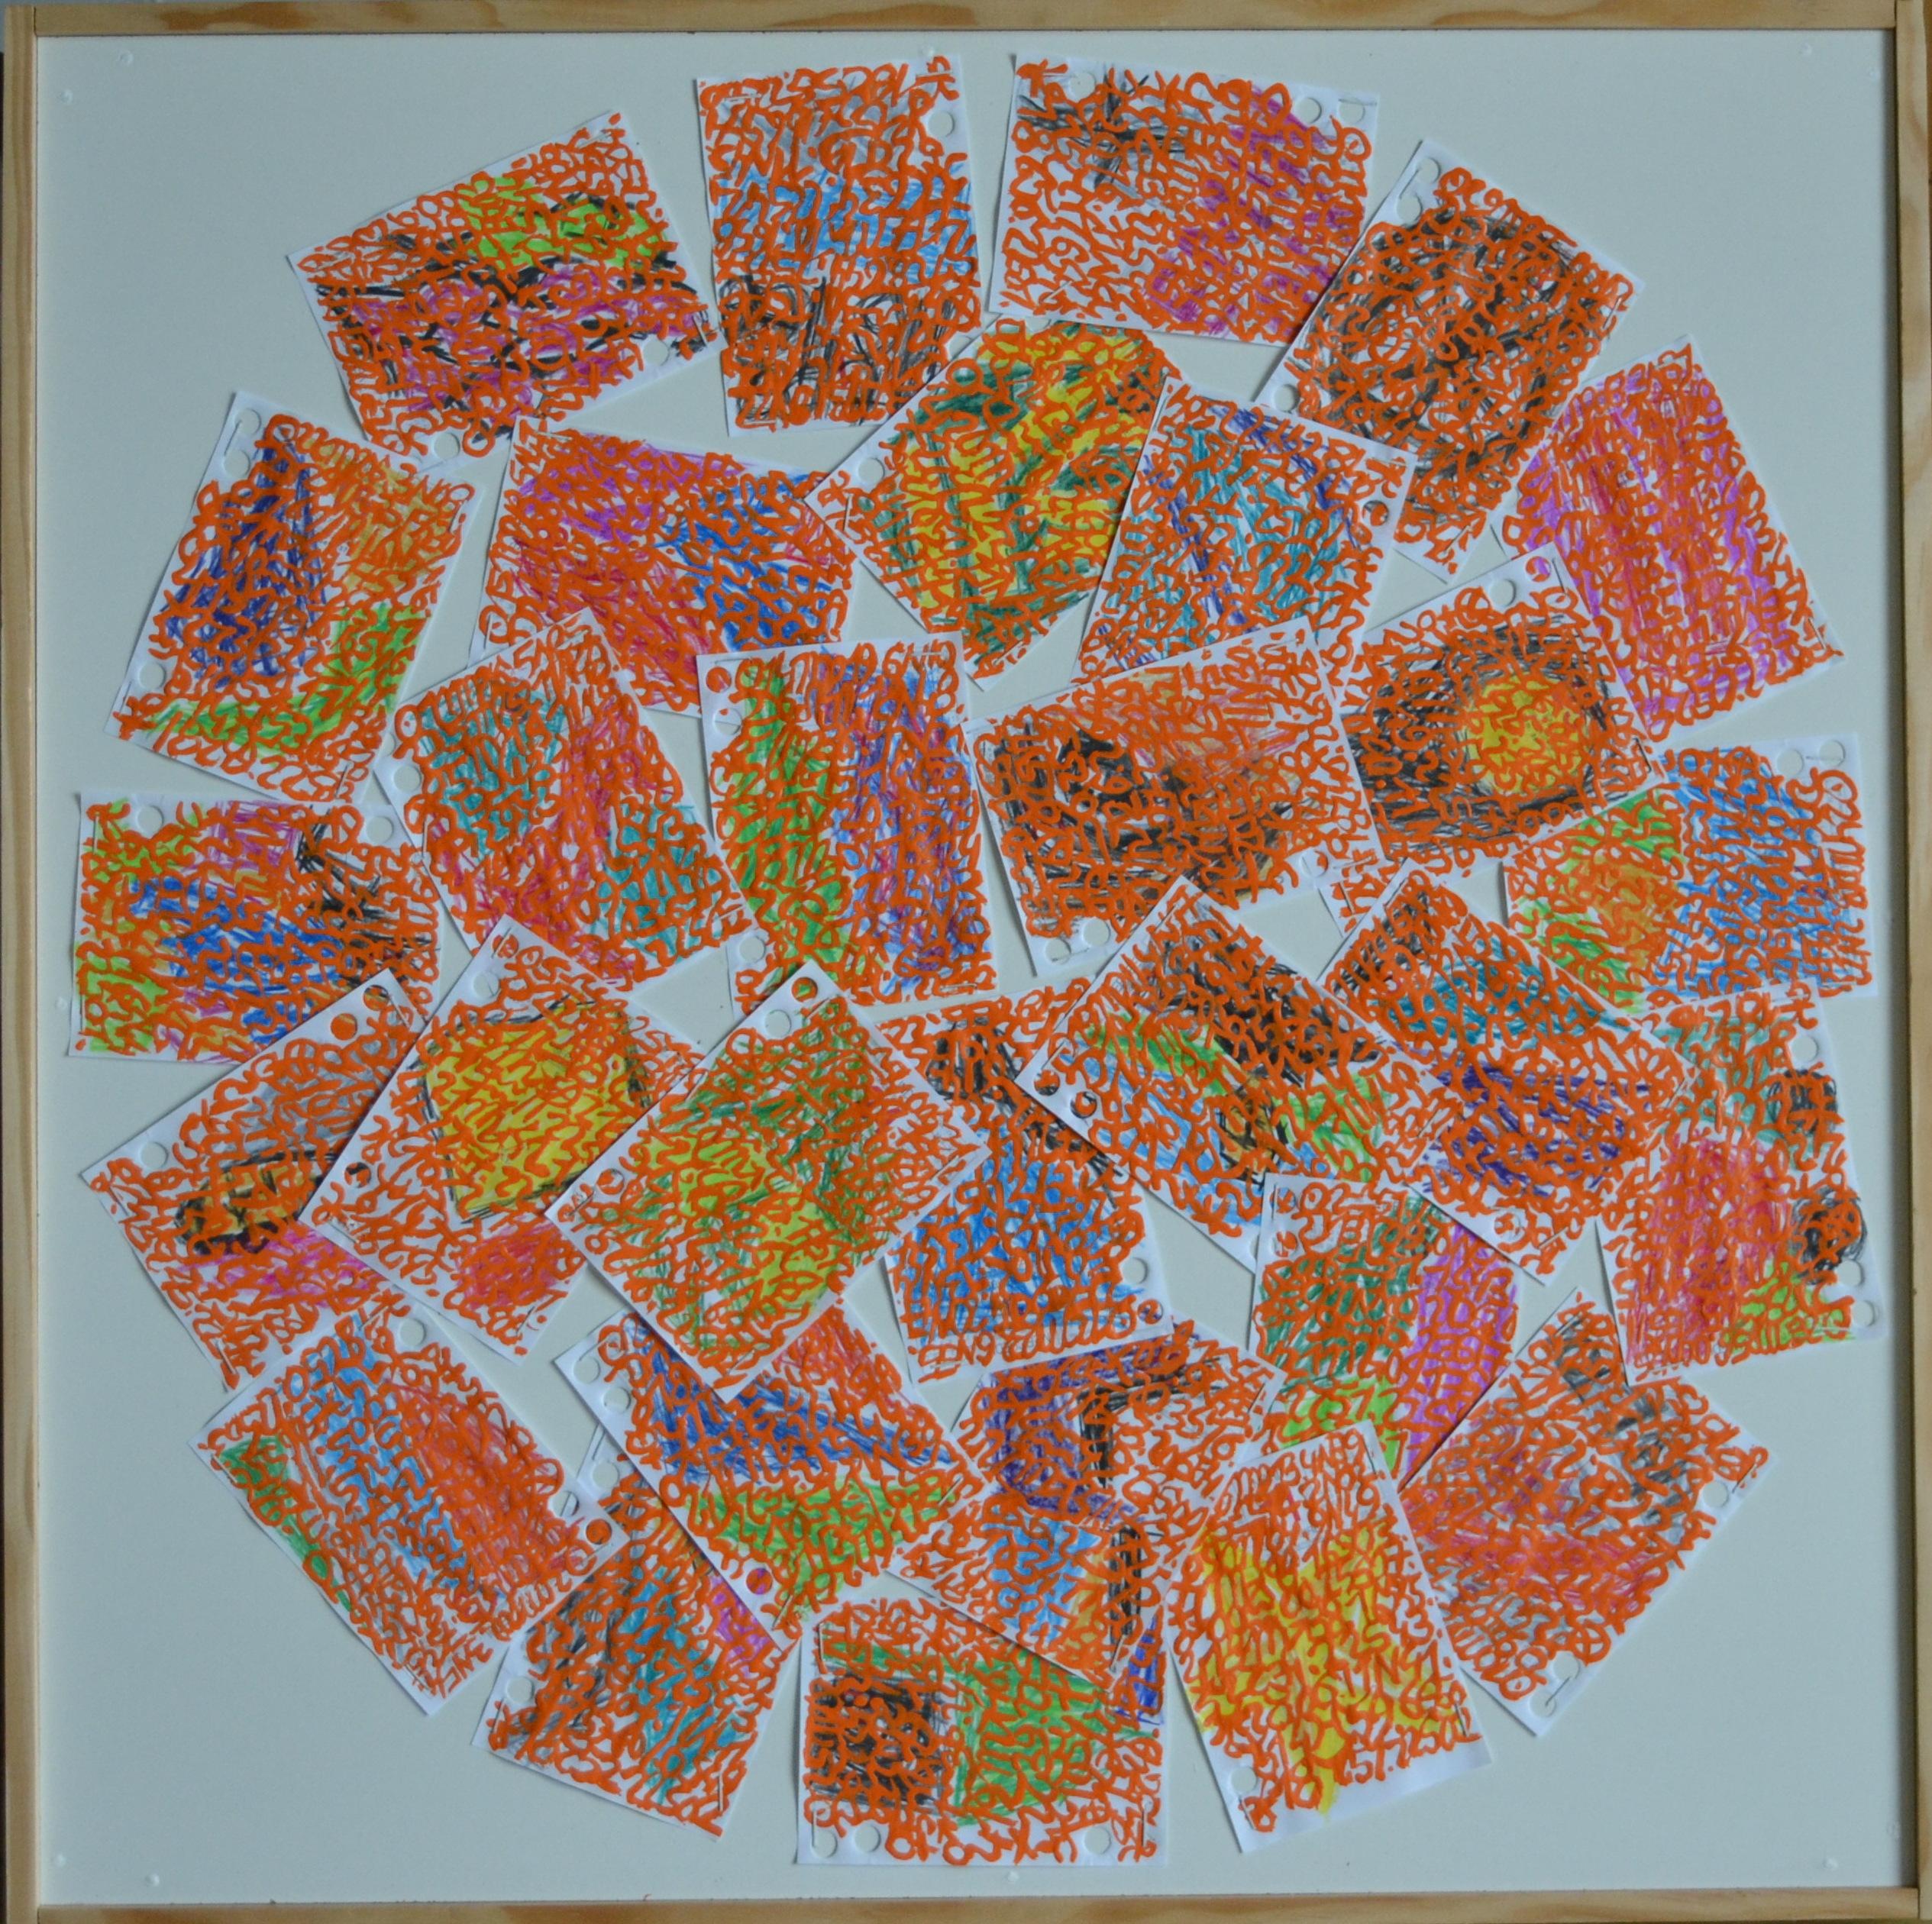 Mappemonde Ephéméride 2018, mois de Septembre, 9/12, crayons de couleur et acrylique sur papiers agrafés sur bois, 59 x 59 cm. Chaque jour, sur les feuilles 12 x 8 cm d